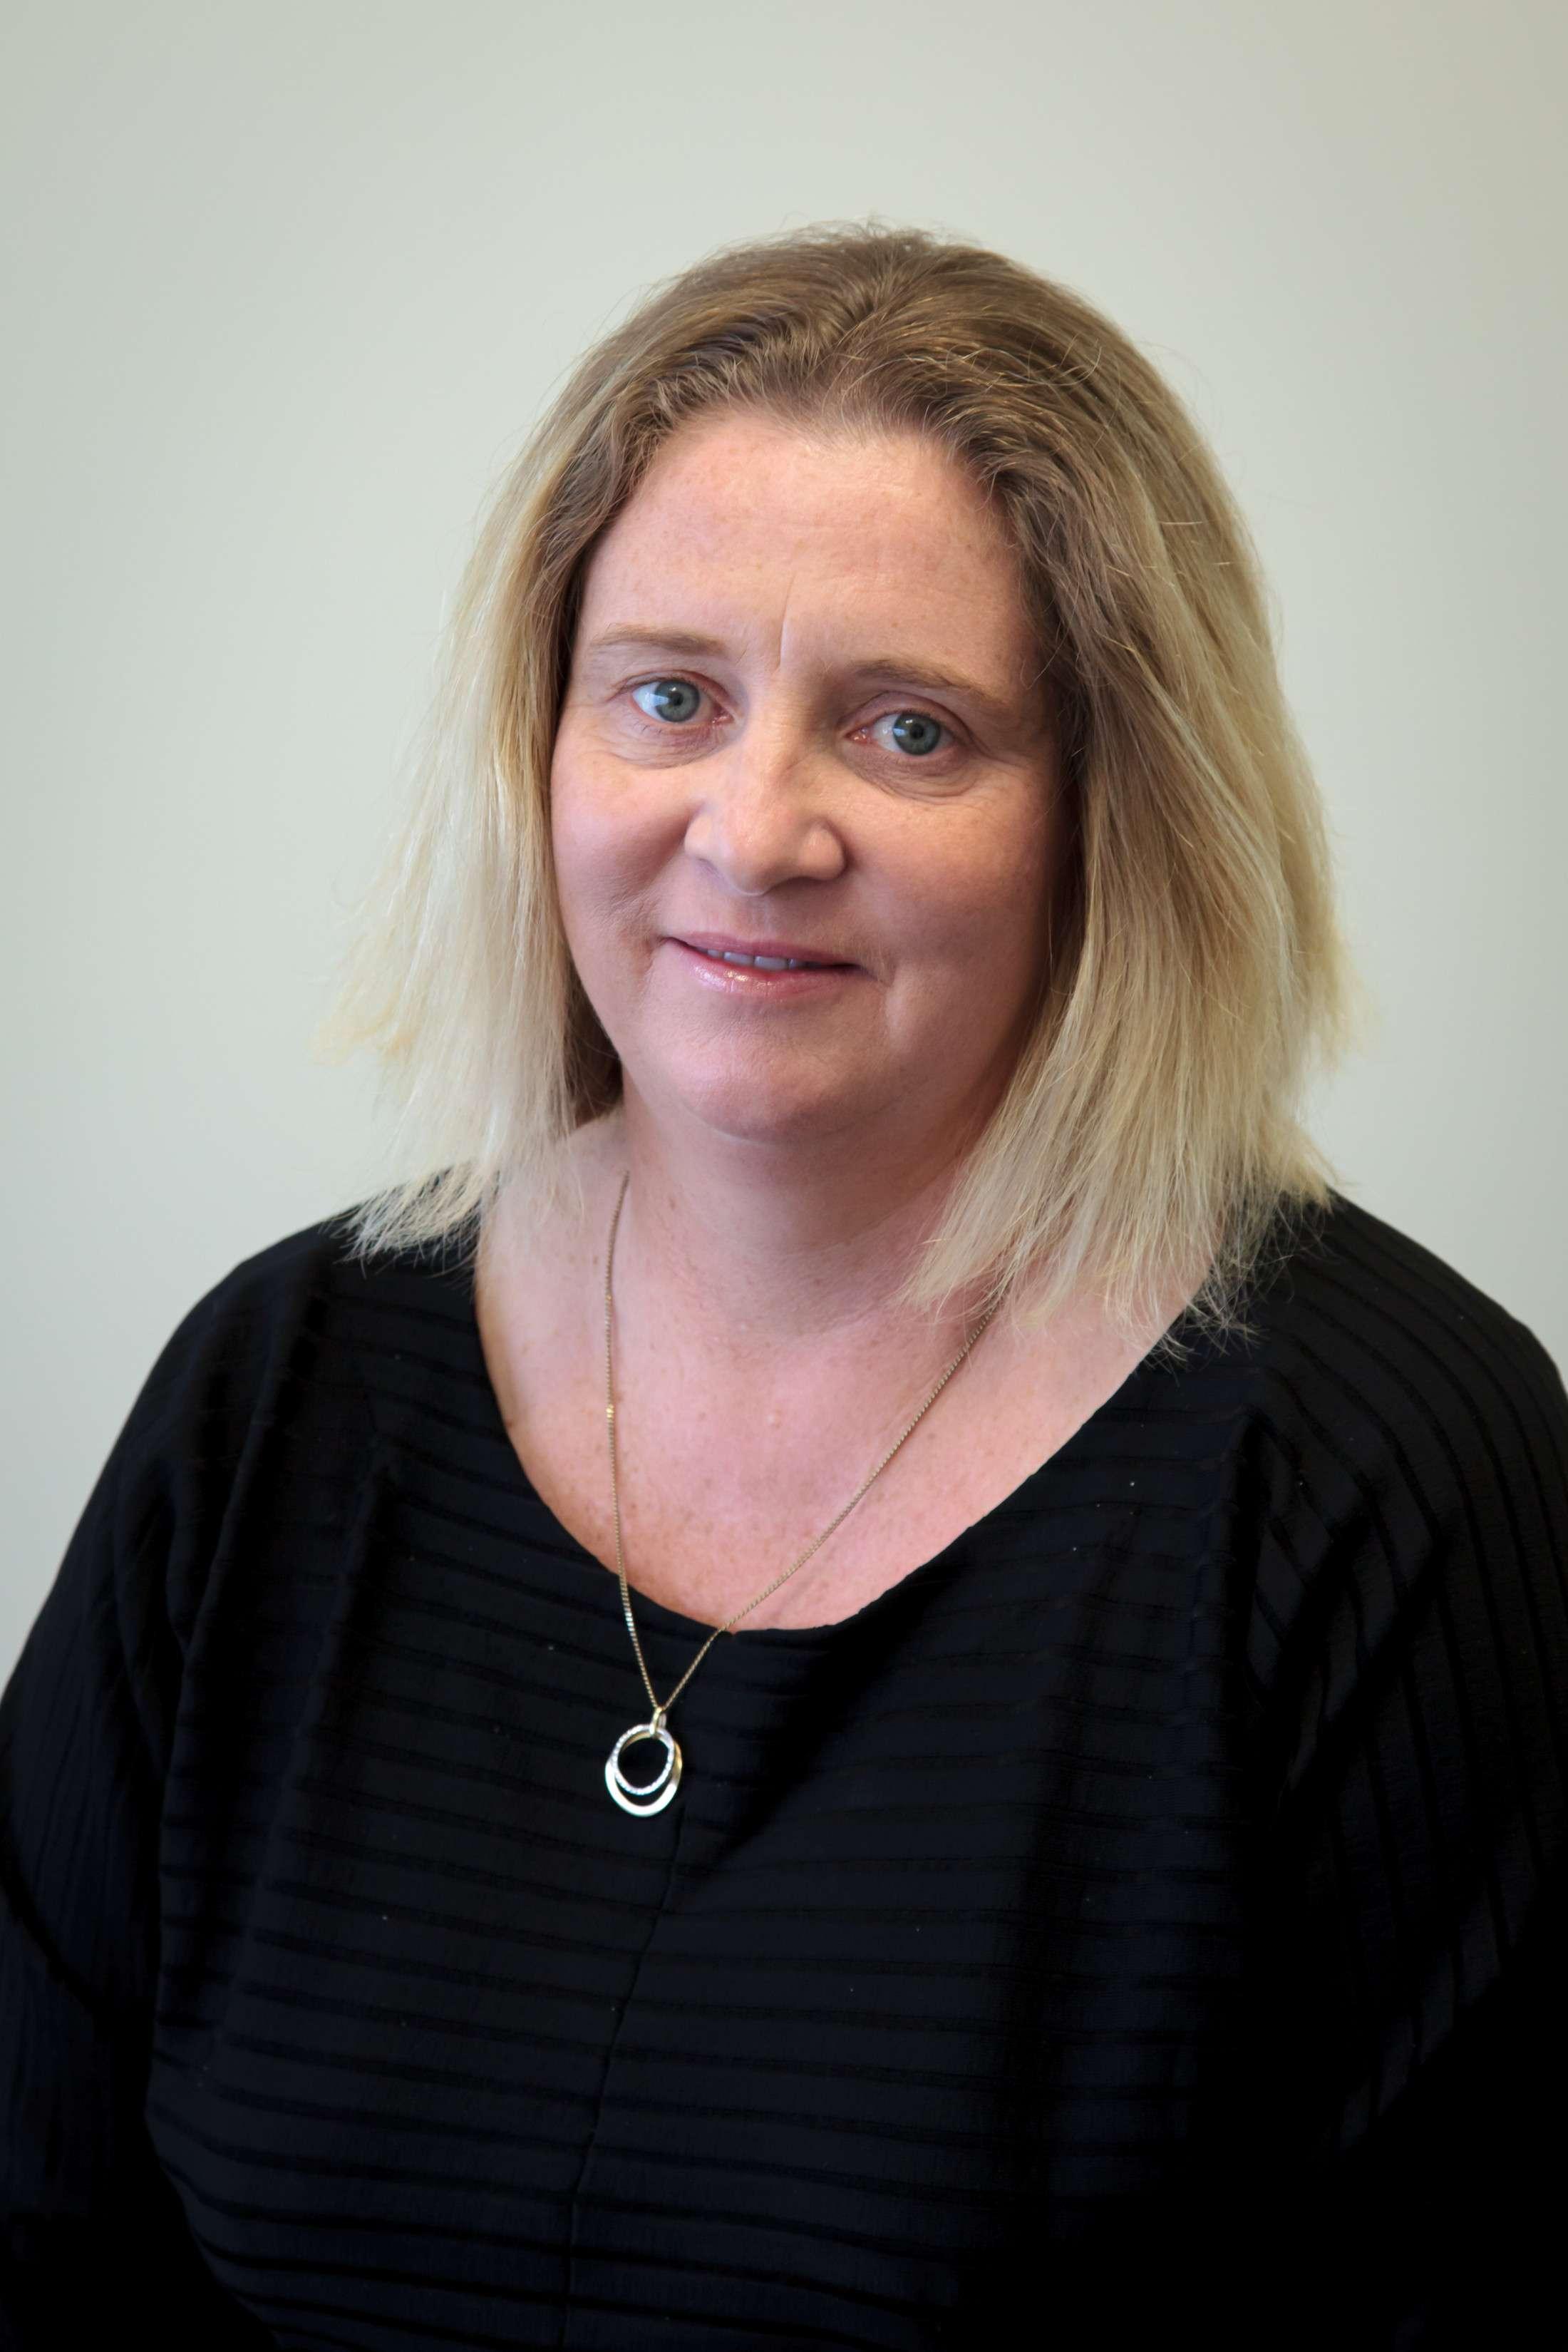 Tina McLennan